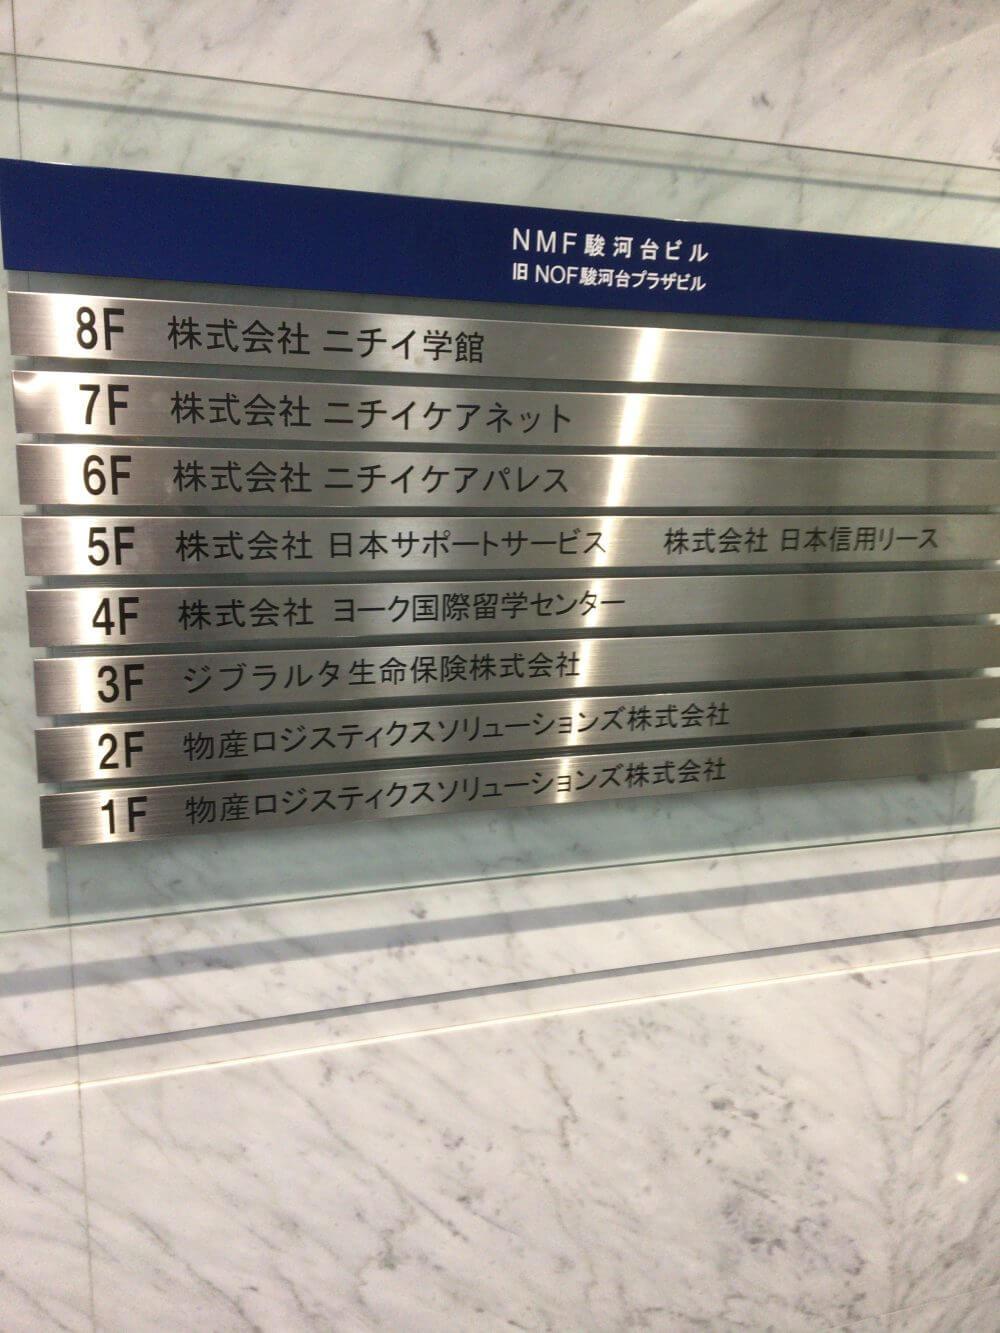 ヨーク国際留学センターは4階